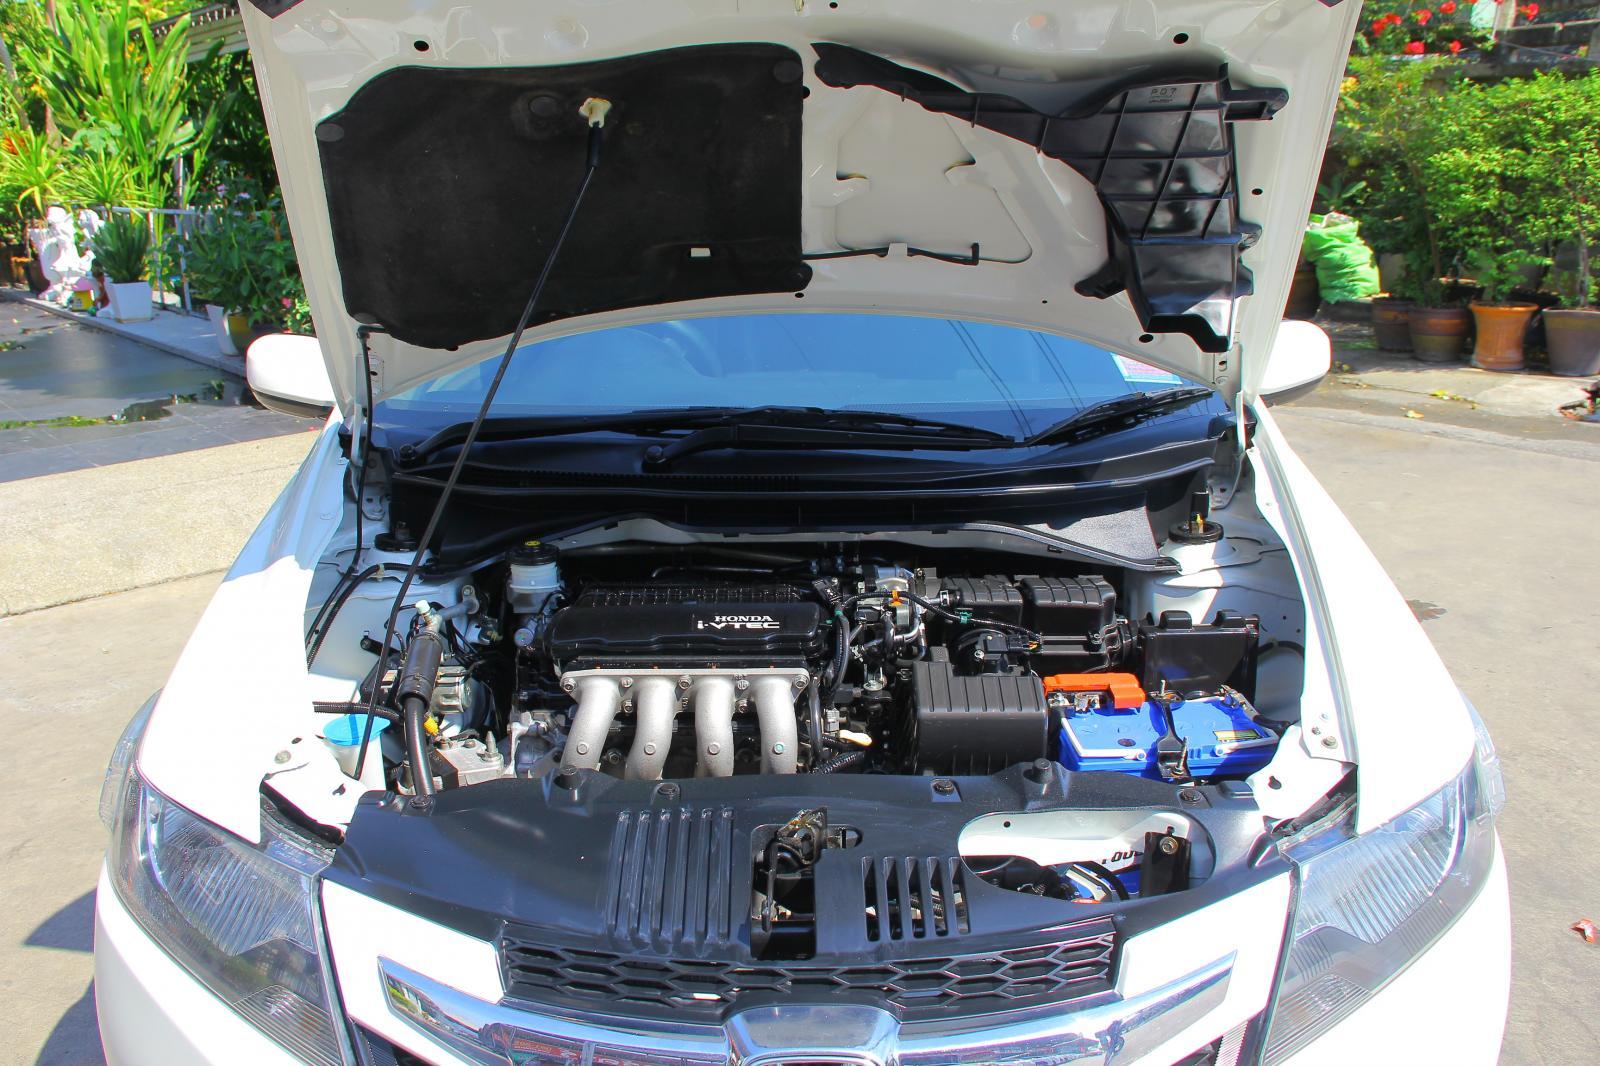 2009 ขายรถ HONDA CITY 1.5 V I-VTEC *ฟรีดาวน์ *ไม่ต้องมีคนค้ำ